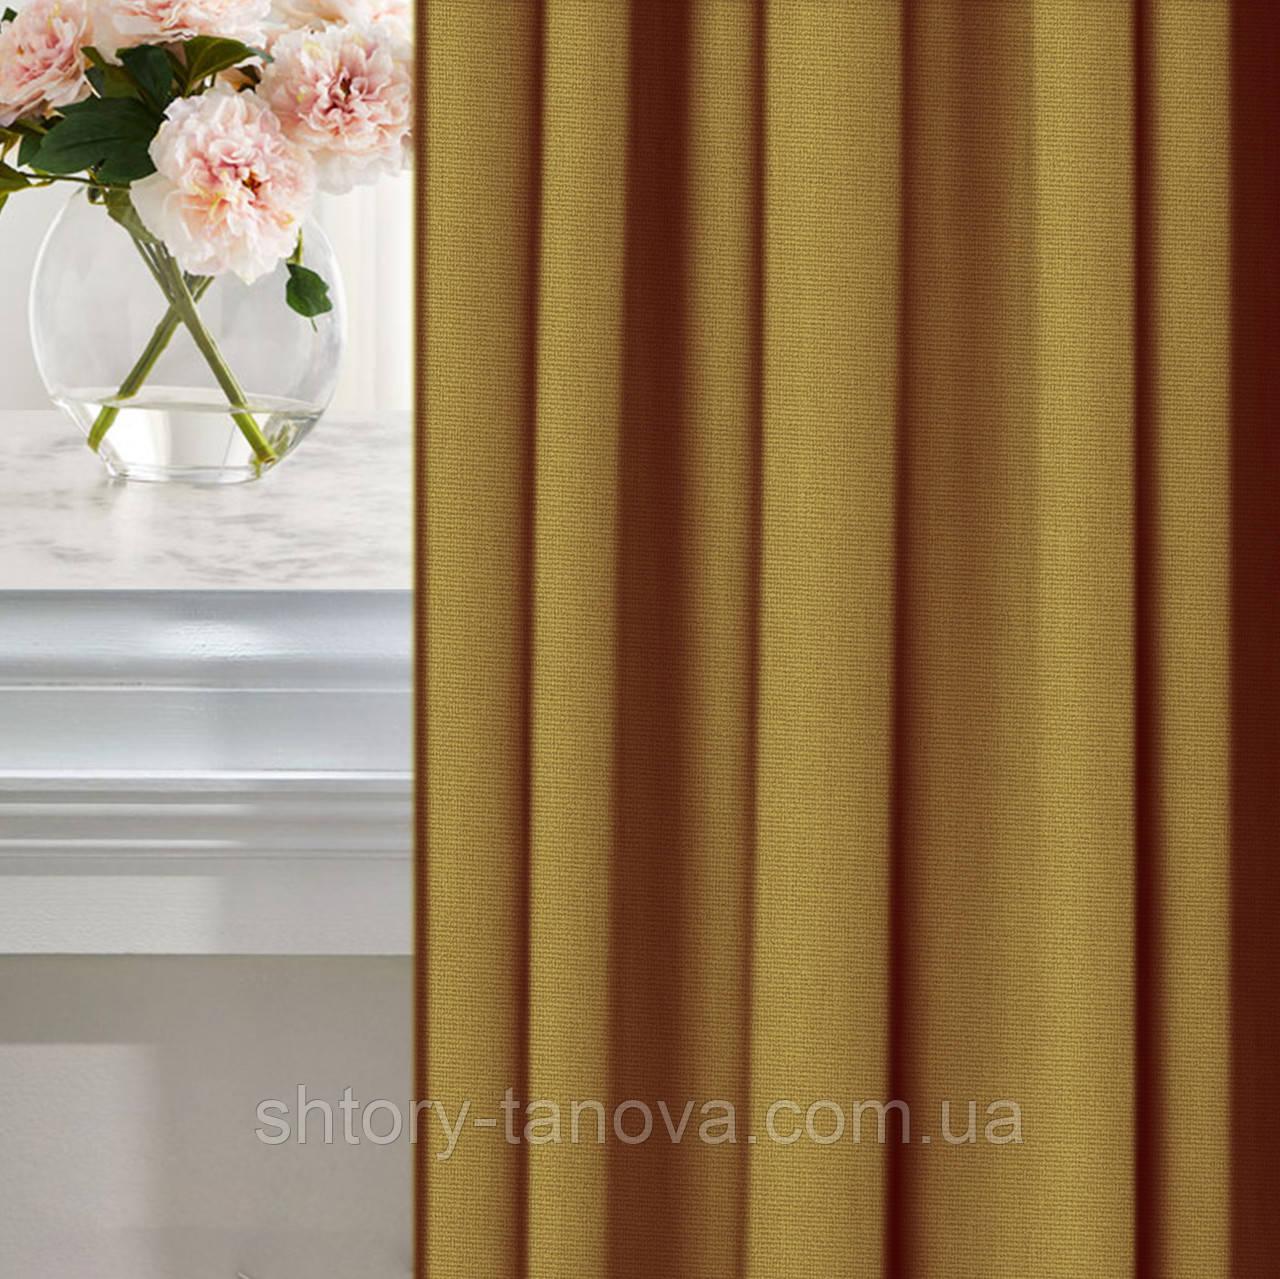 Ткань на светонепроницаемые шторы в спальню, детскую, зал blackout 3 м коричневого